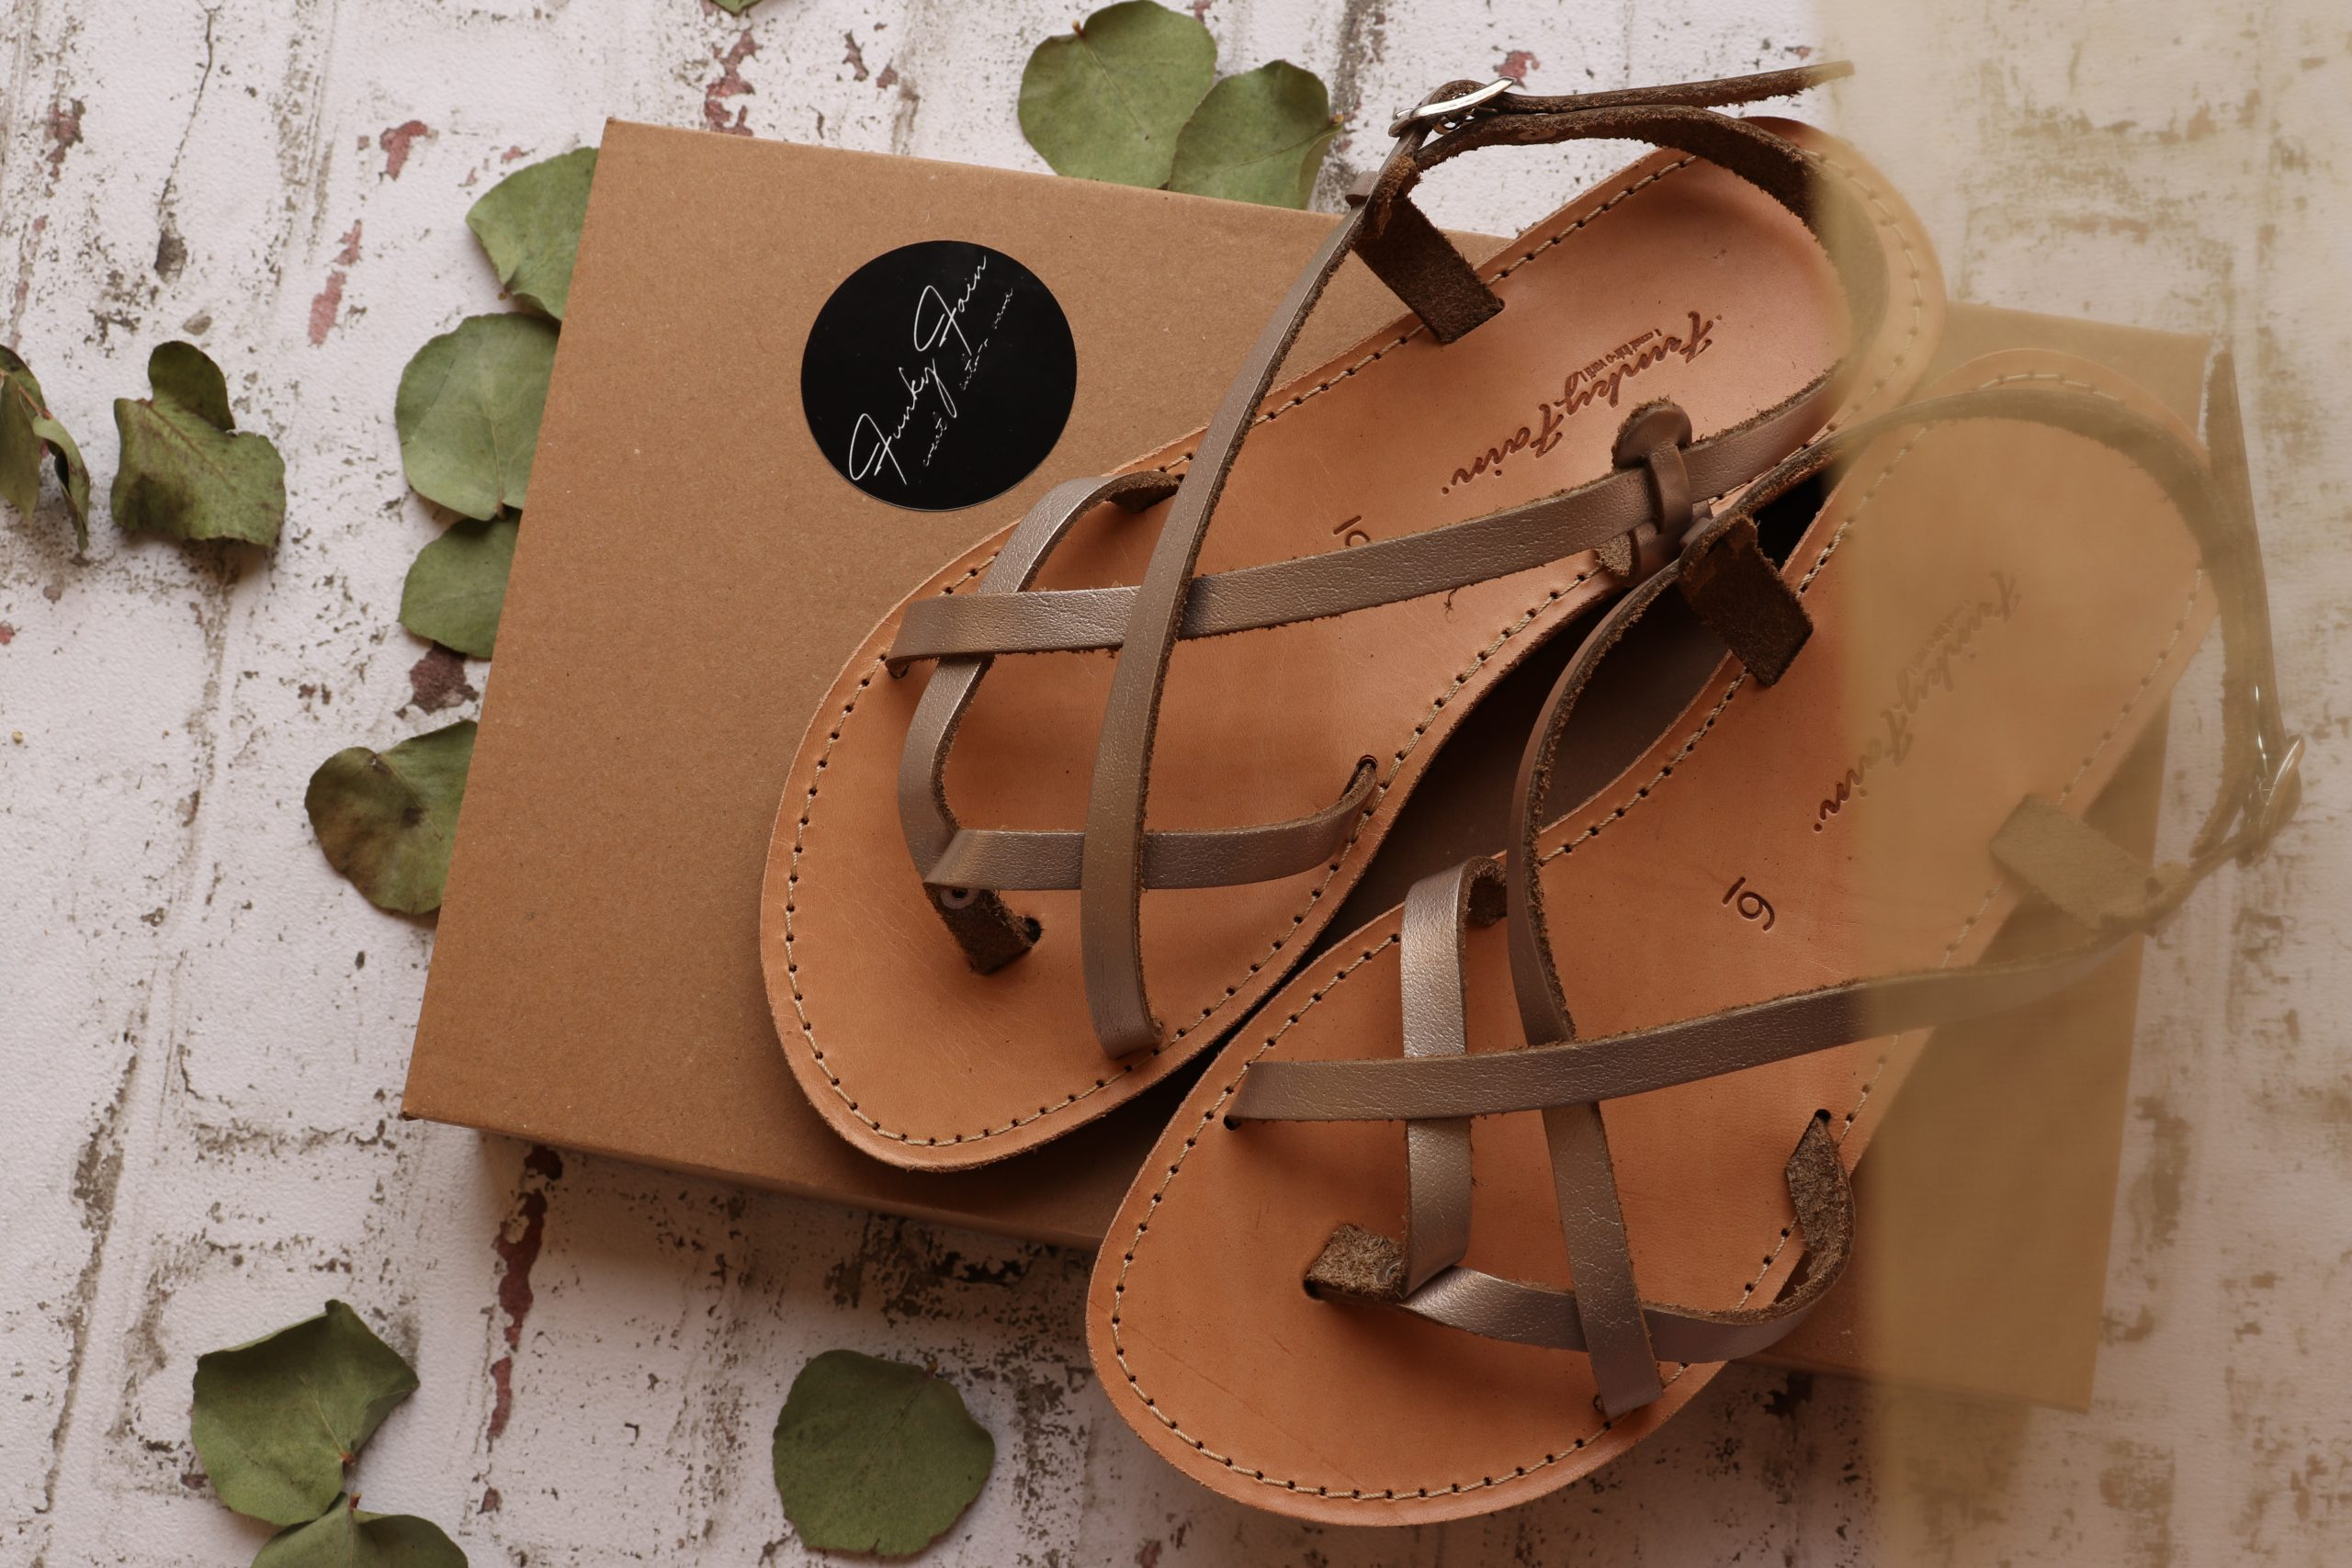 Sandały damskie ze skóry naturalnej FUNKY FEELING, odcień metaliczny